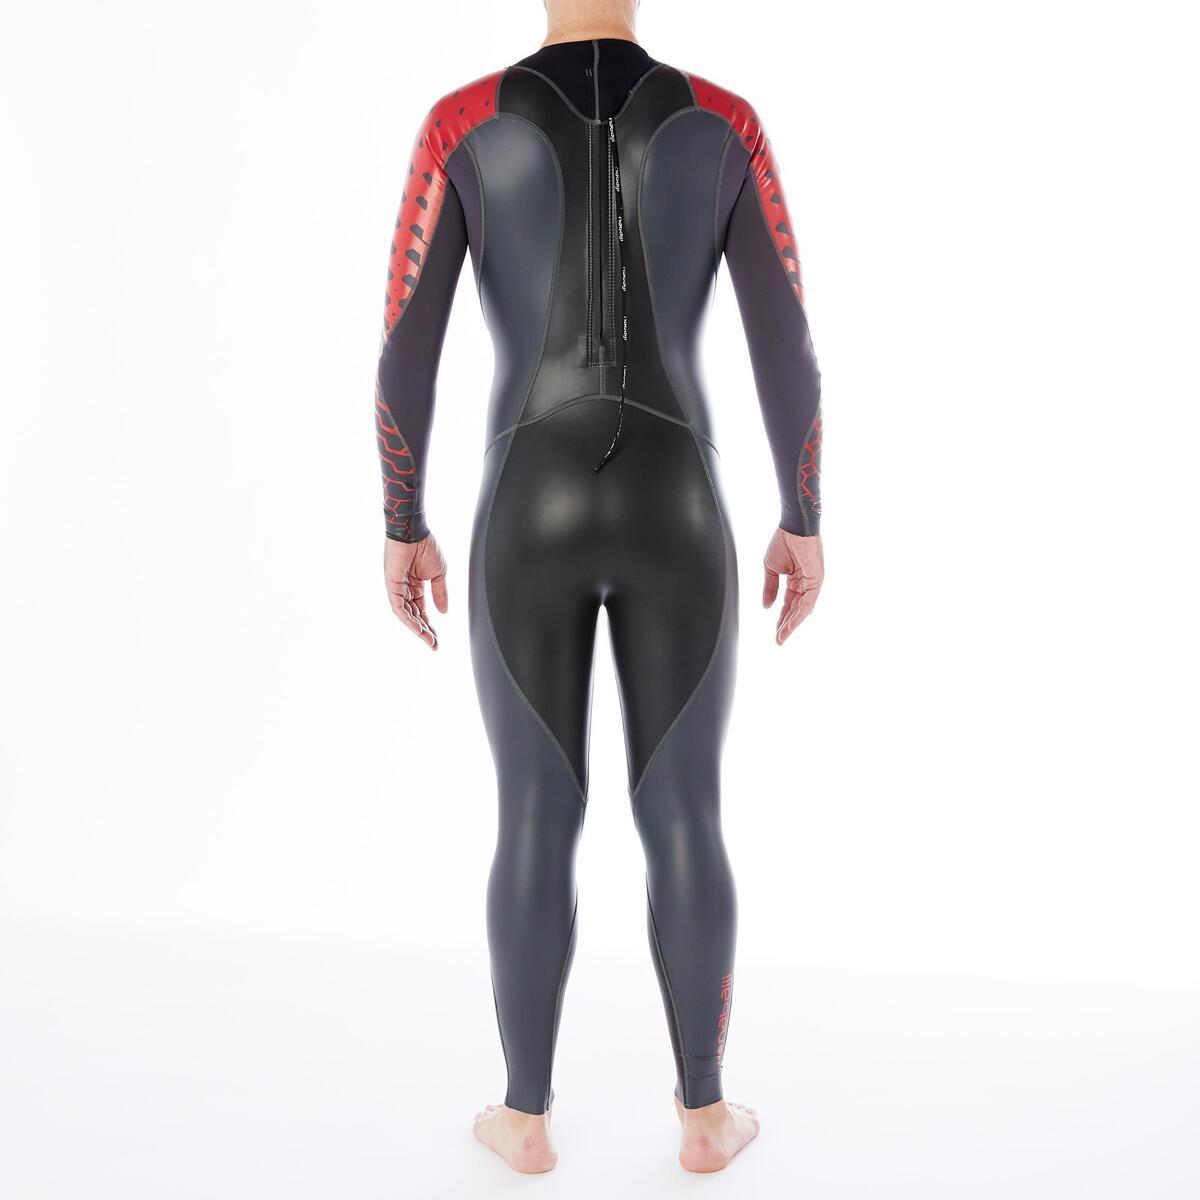 Bild 4 von Schwimmanzug Neopren OWSwim 1/0 mm Herren